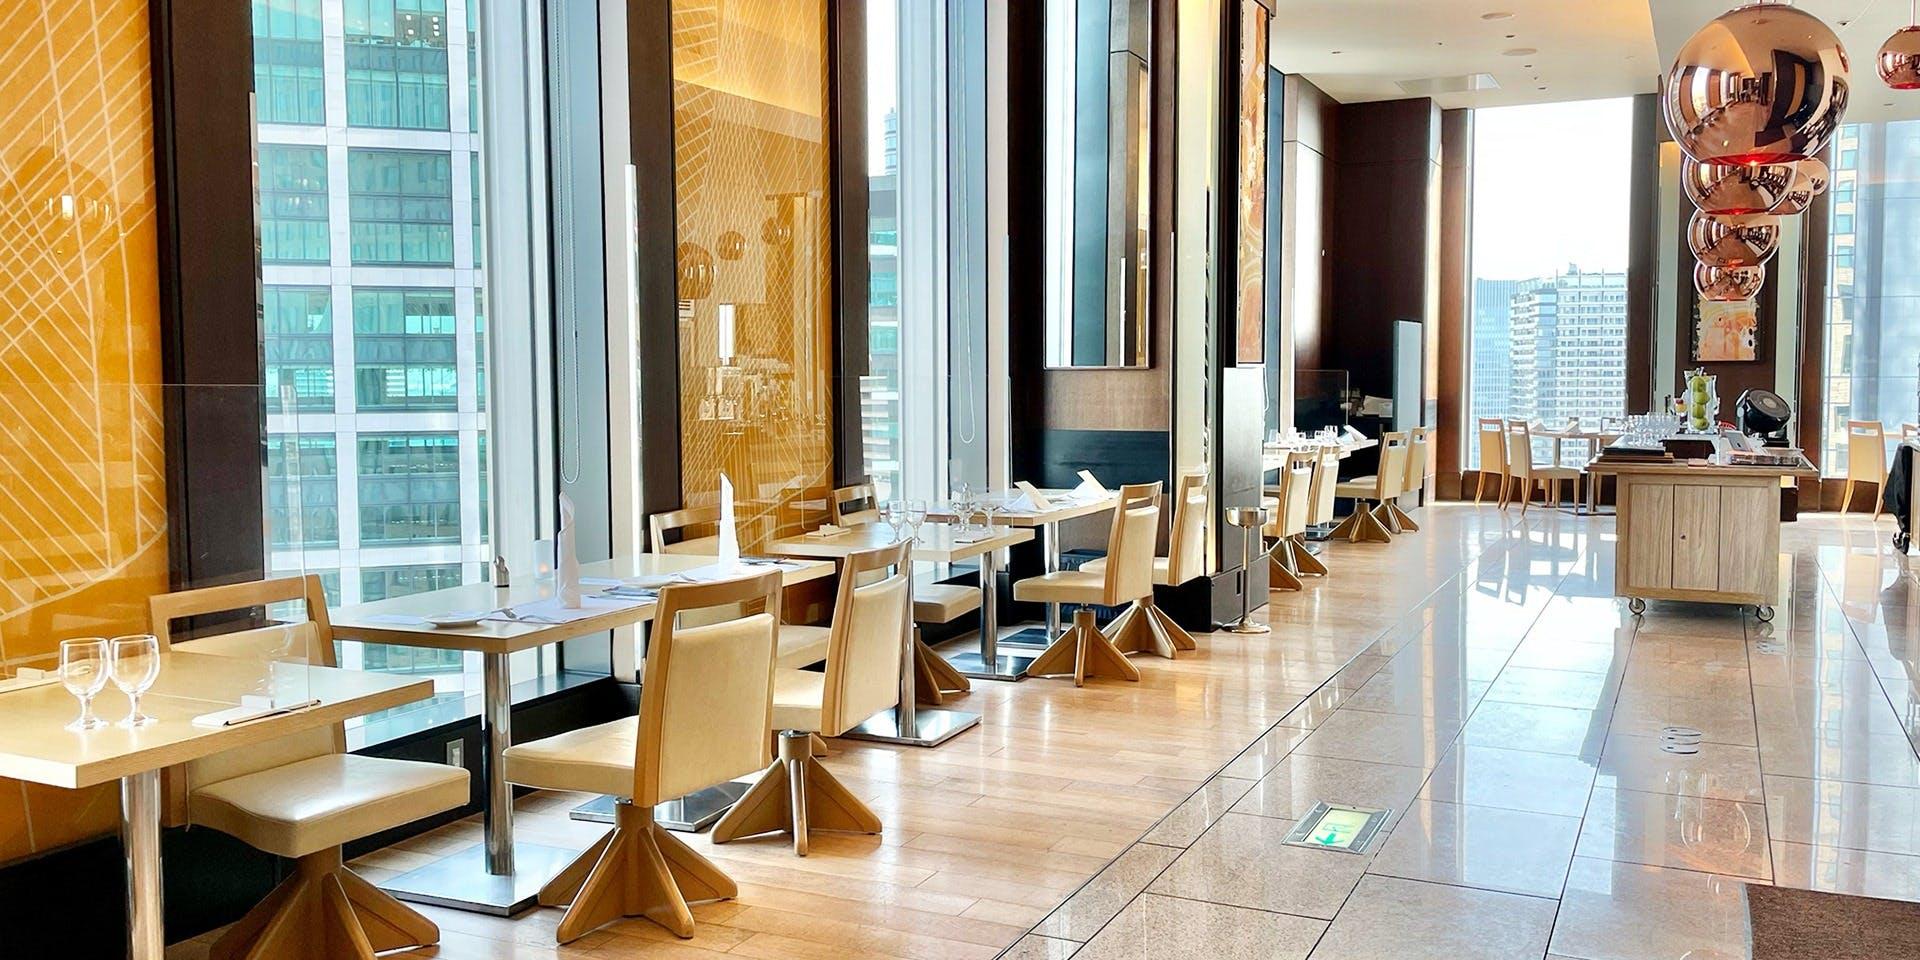 記念日におすすめのレストラン・レストラン ハーモニー/THE BAR/ザ ロイヤルパークホテル アイコニック 東京汐留の写真1